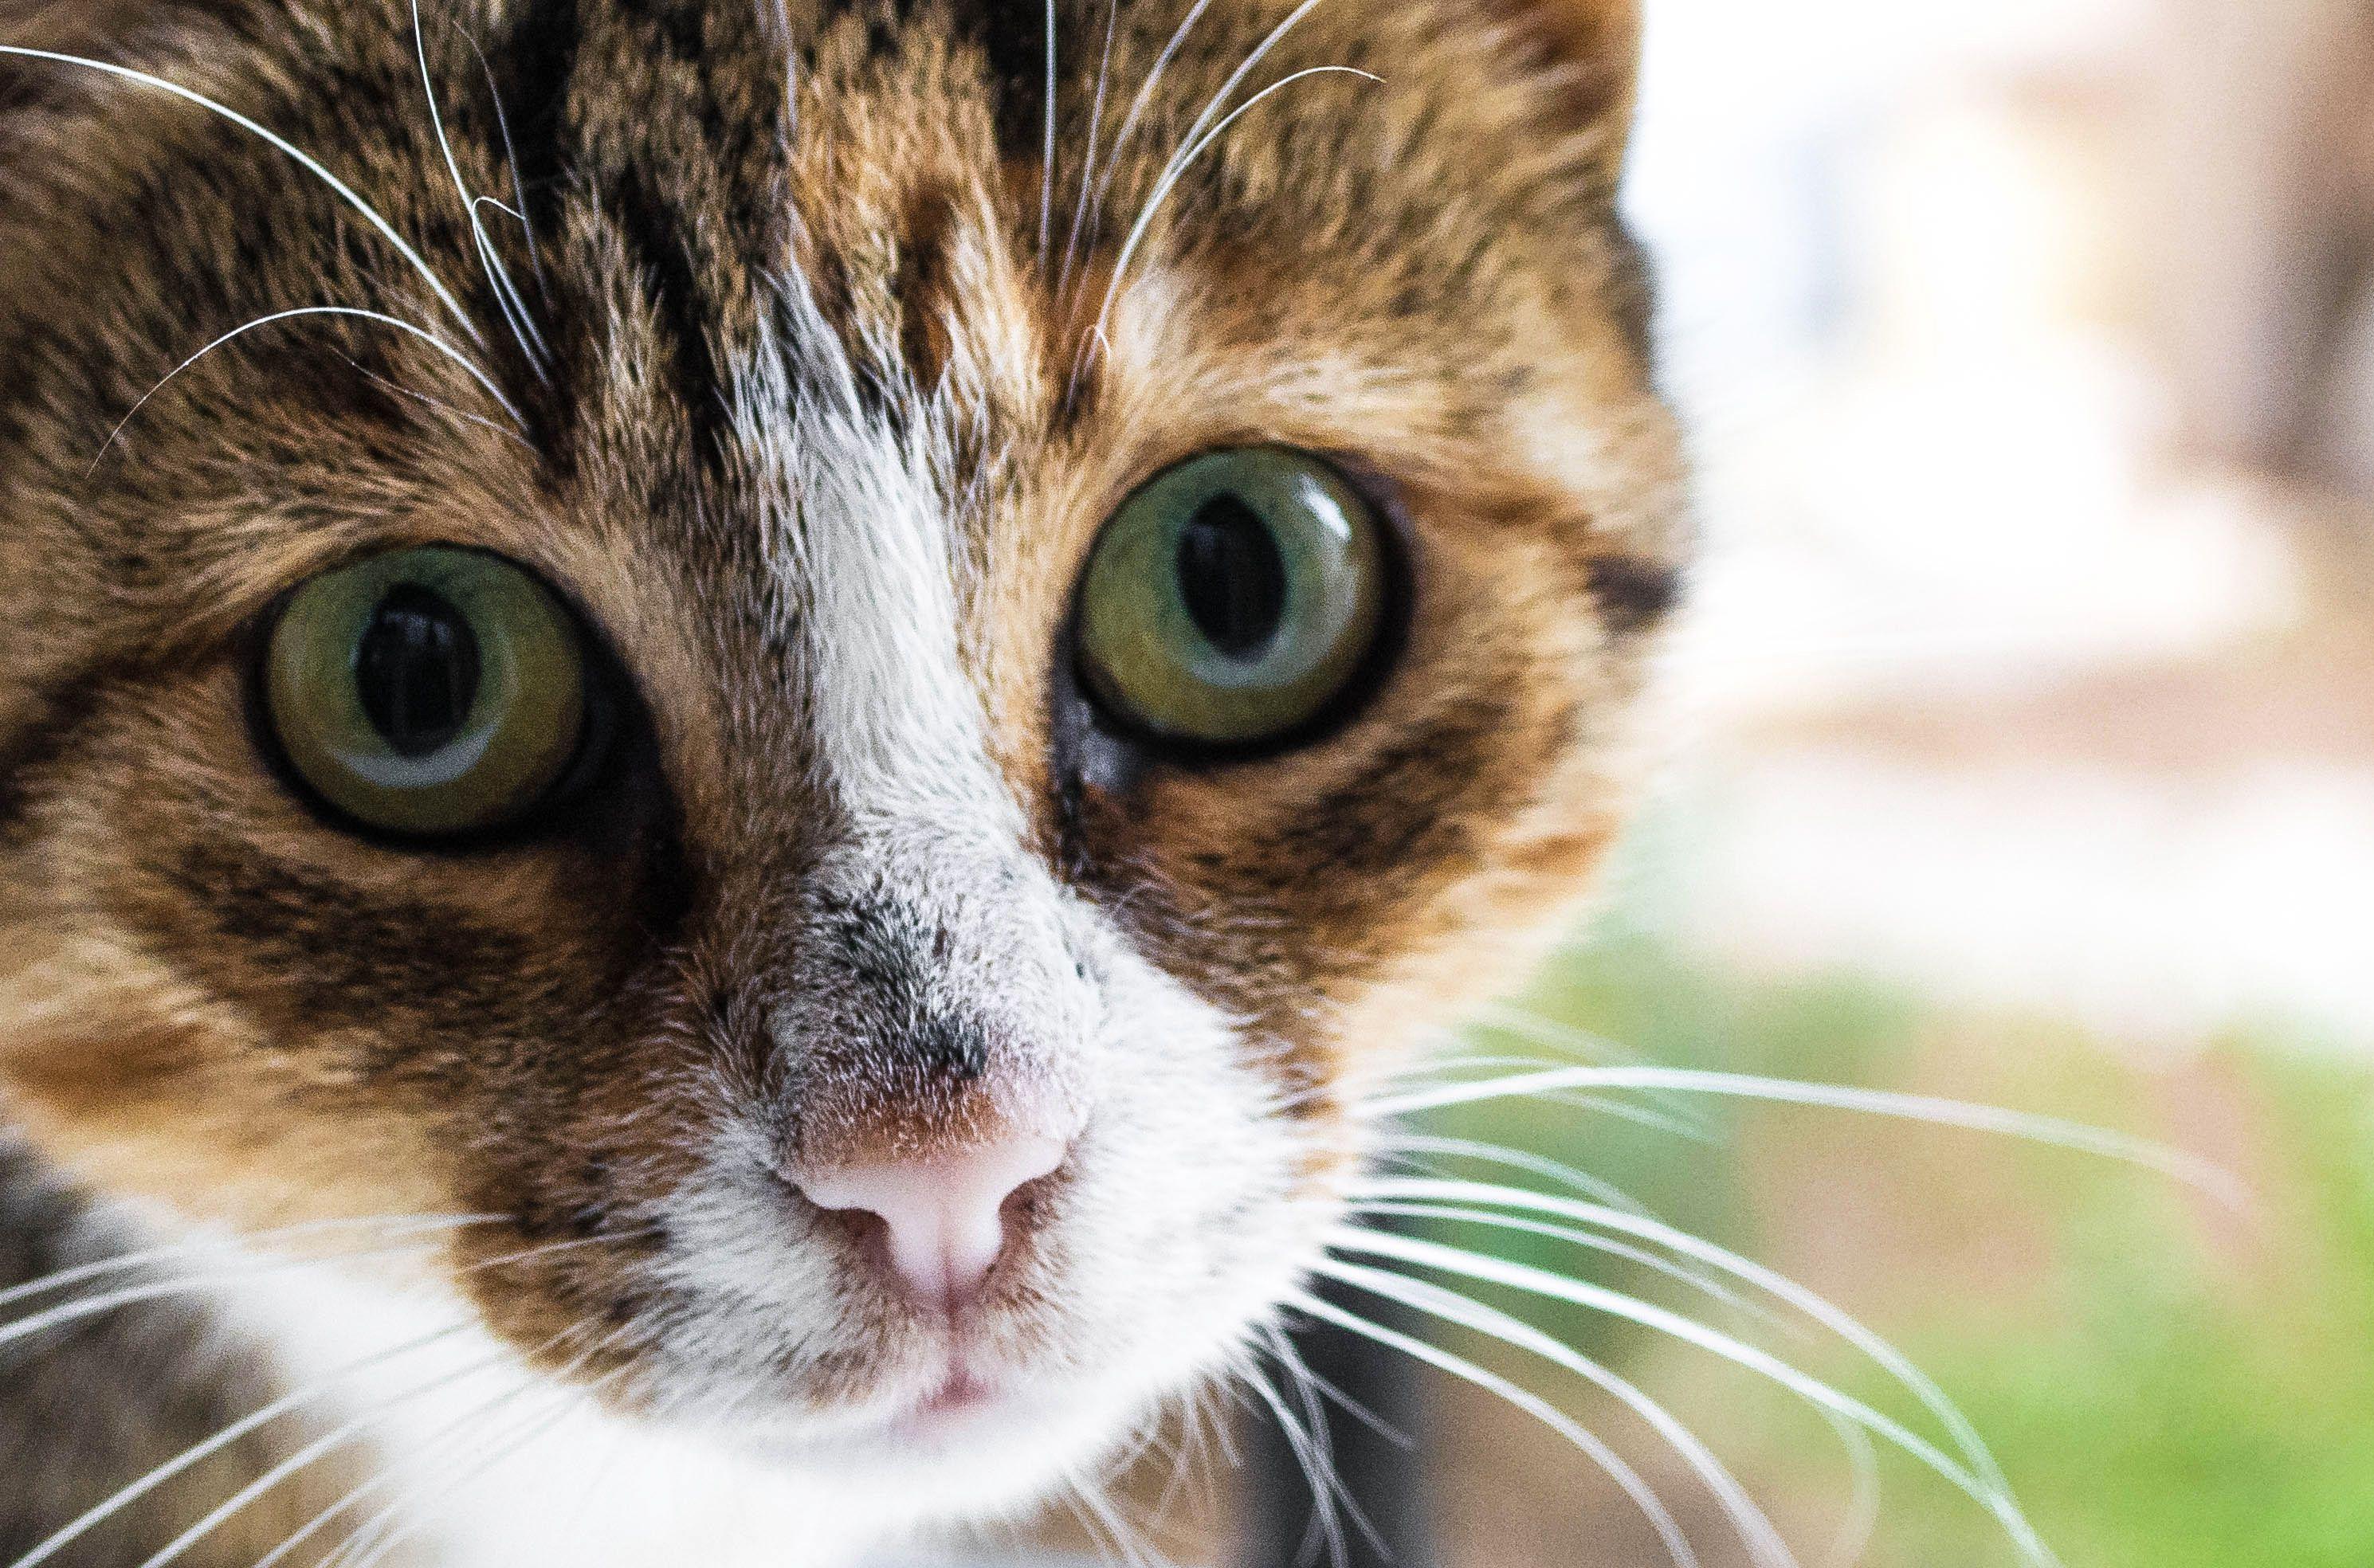 Primer plano de un cara de gato , Retrato de gato caminando en un campo cubierto de nieve , Gato que se hace un examen veterinario , Gato gris y blanco en el veterinario , Gatito persa y reflejo en la ventana , Gato rascándose la oreja , Veterinario dando una pastilla a un gato